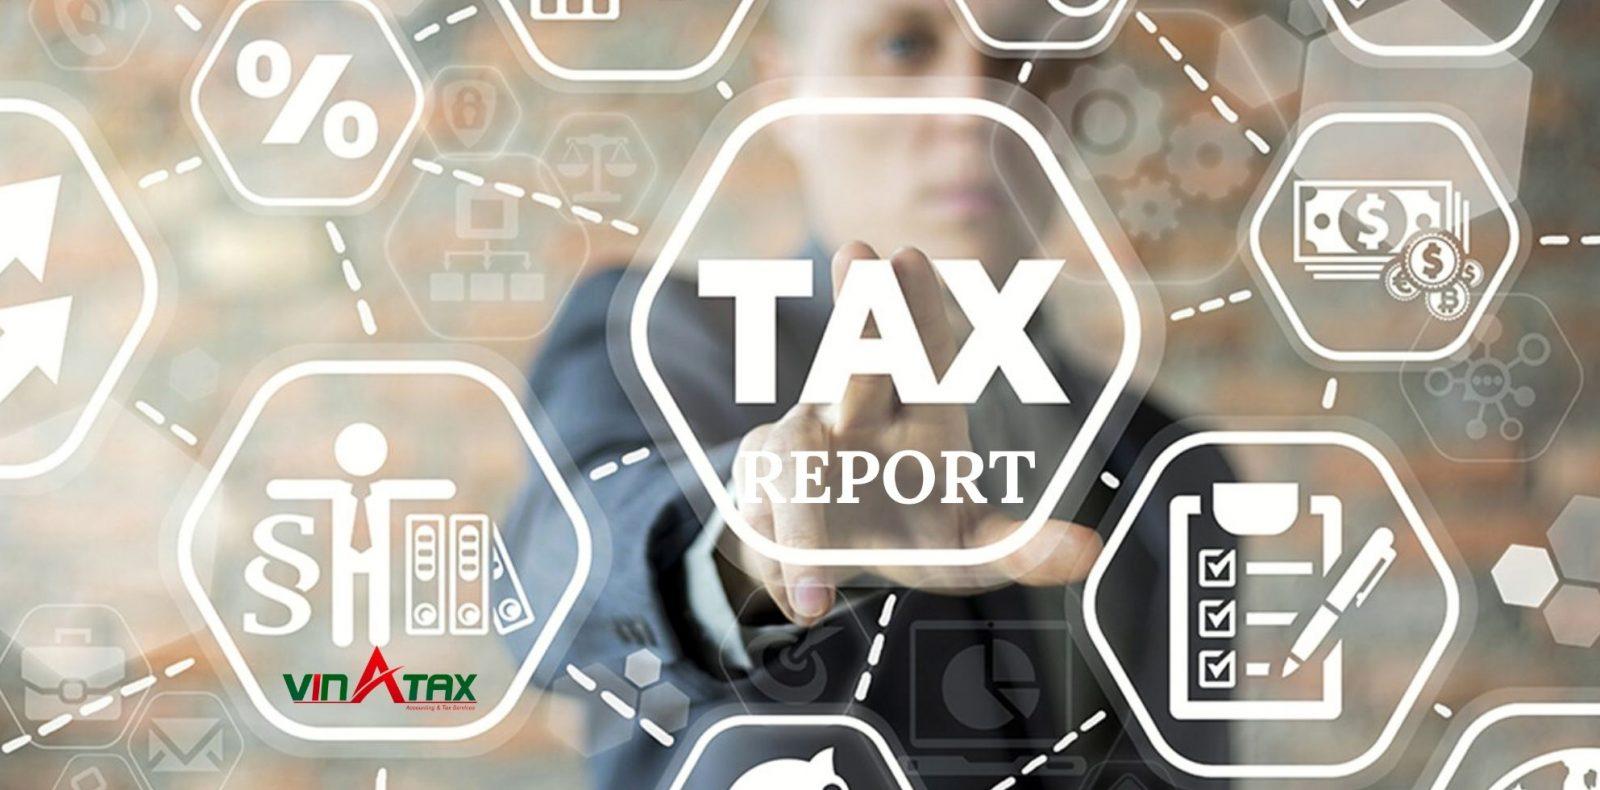 Dịch vụ báo cáo thuế tại Bình Dương